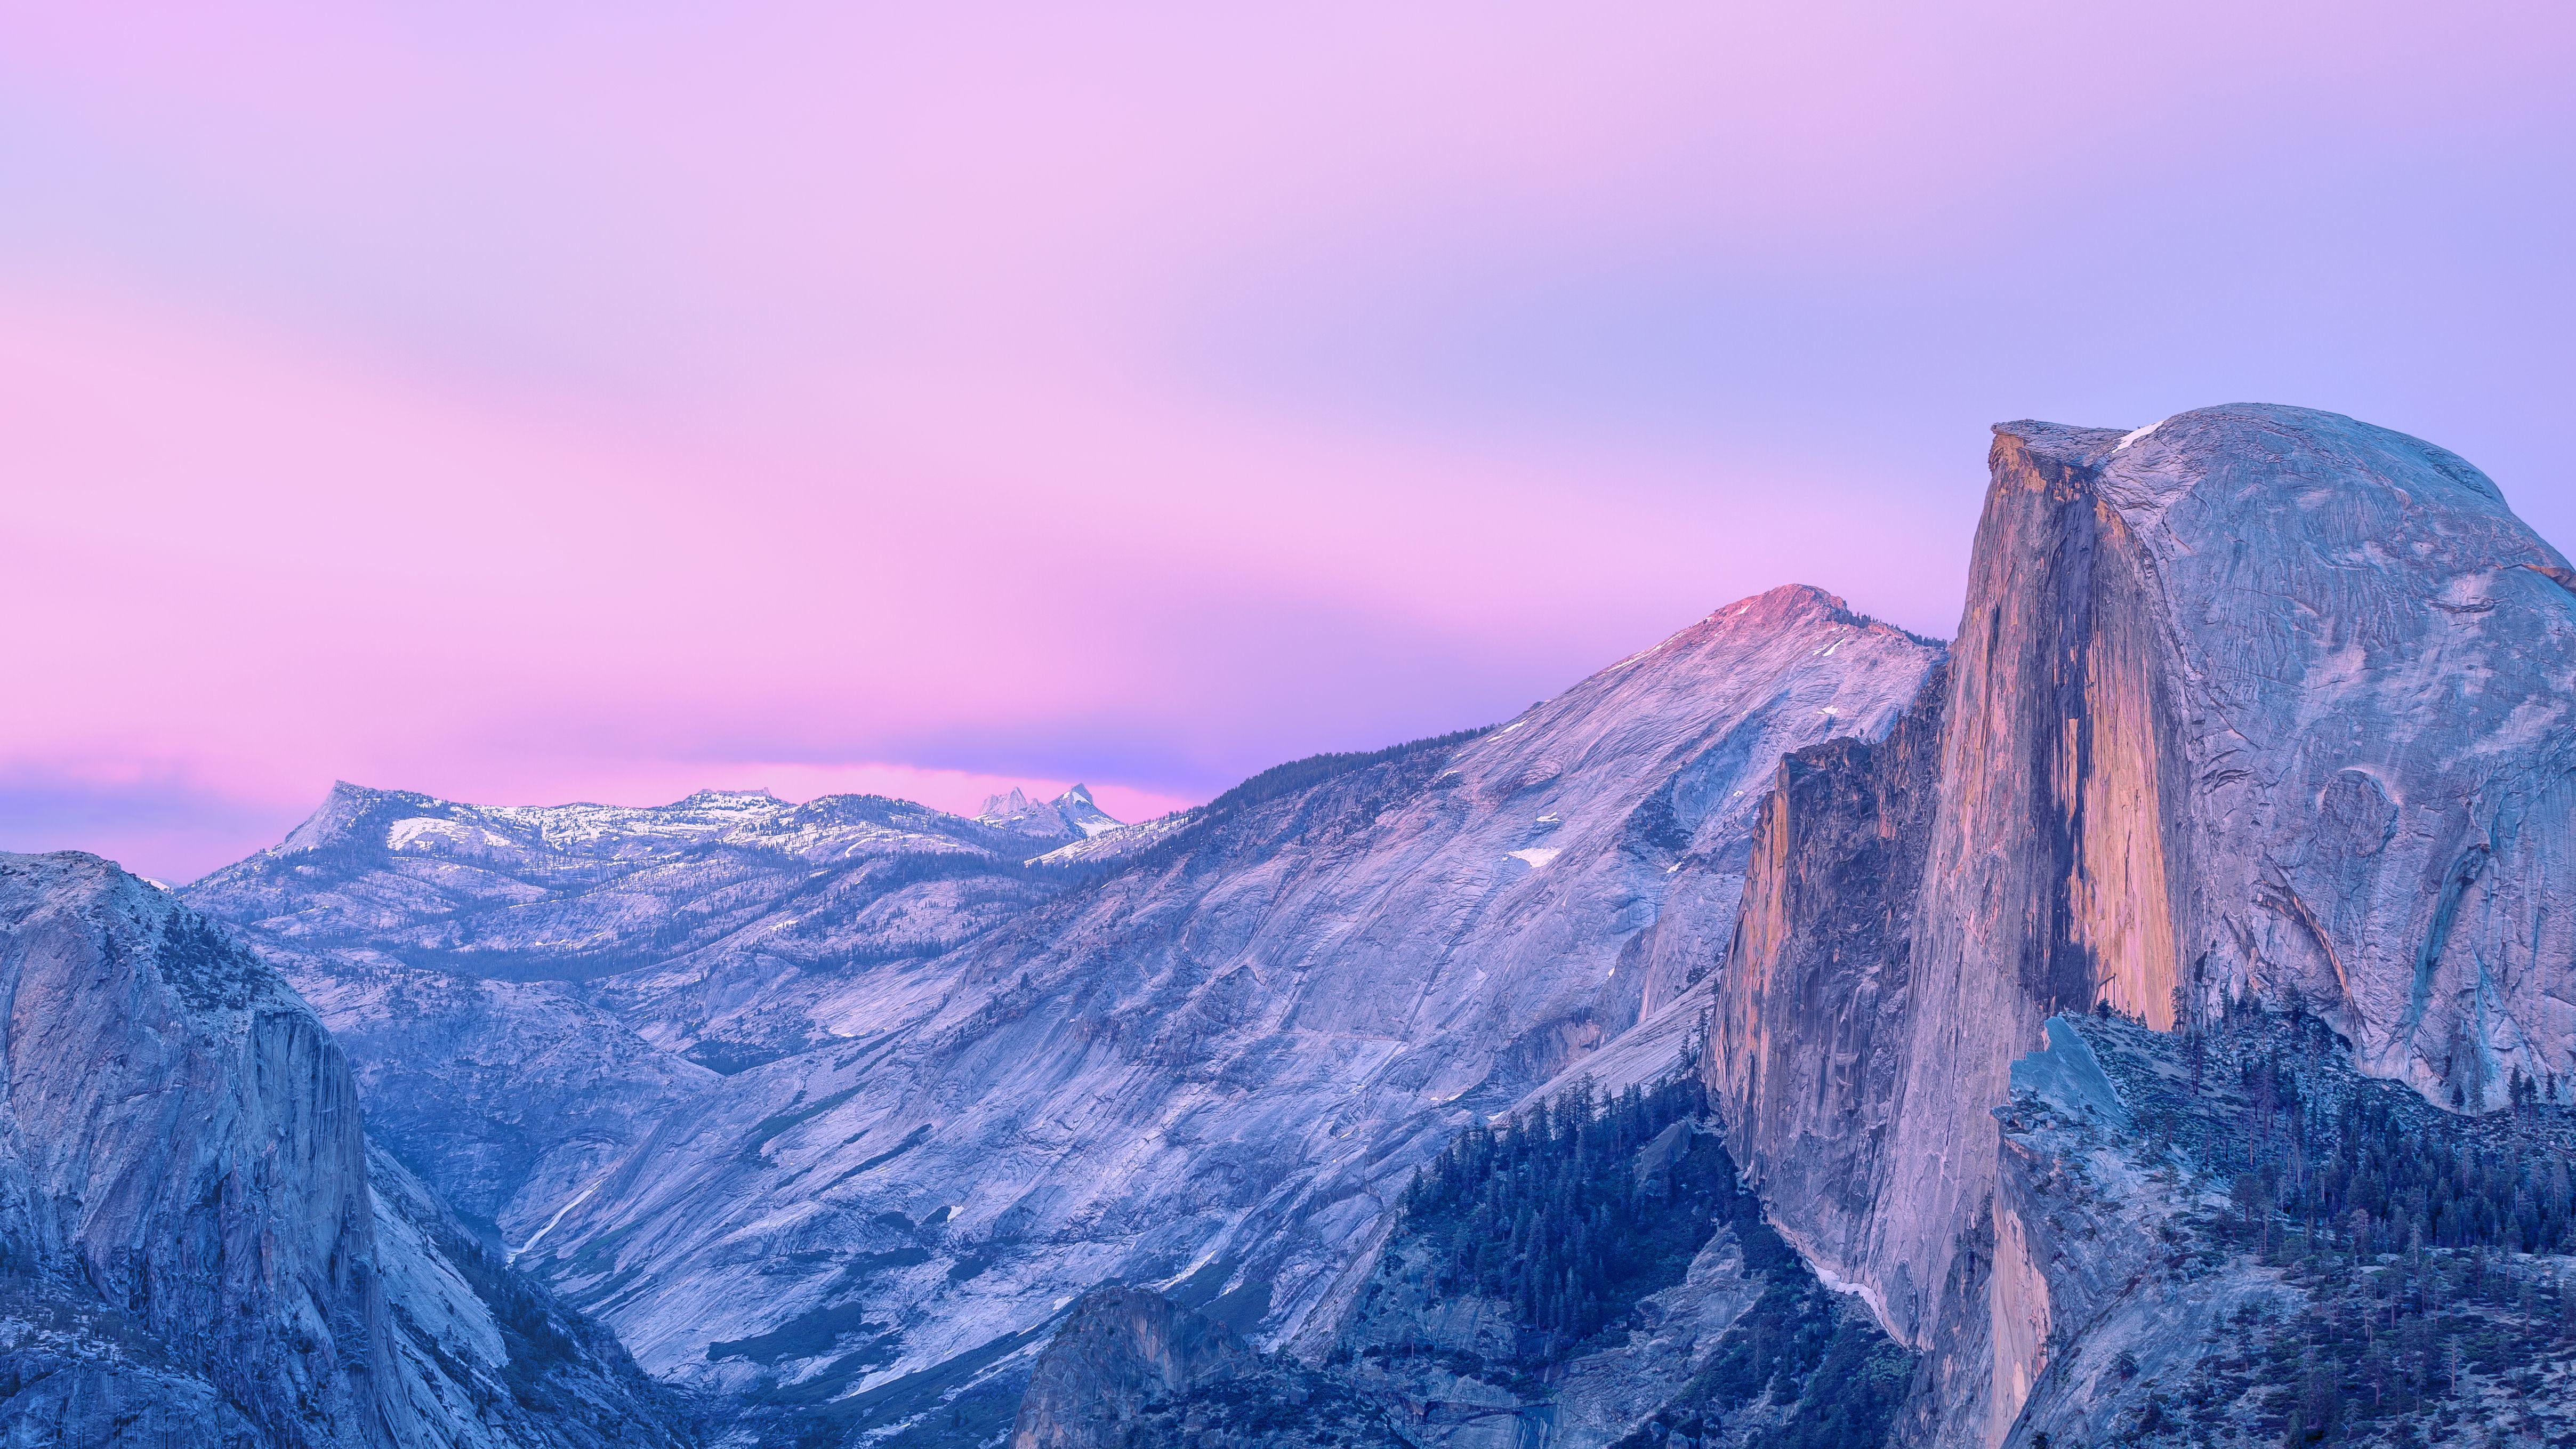 8000 Wallpaper Apple El Capitan  Terbaik